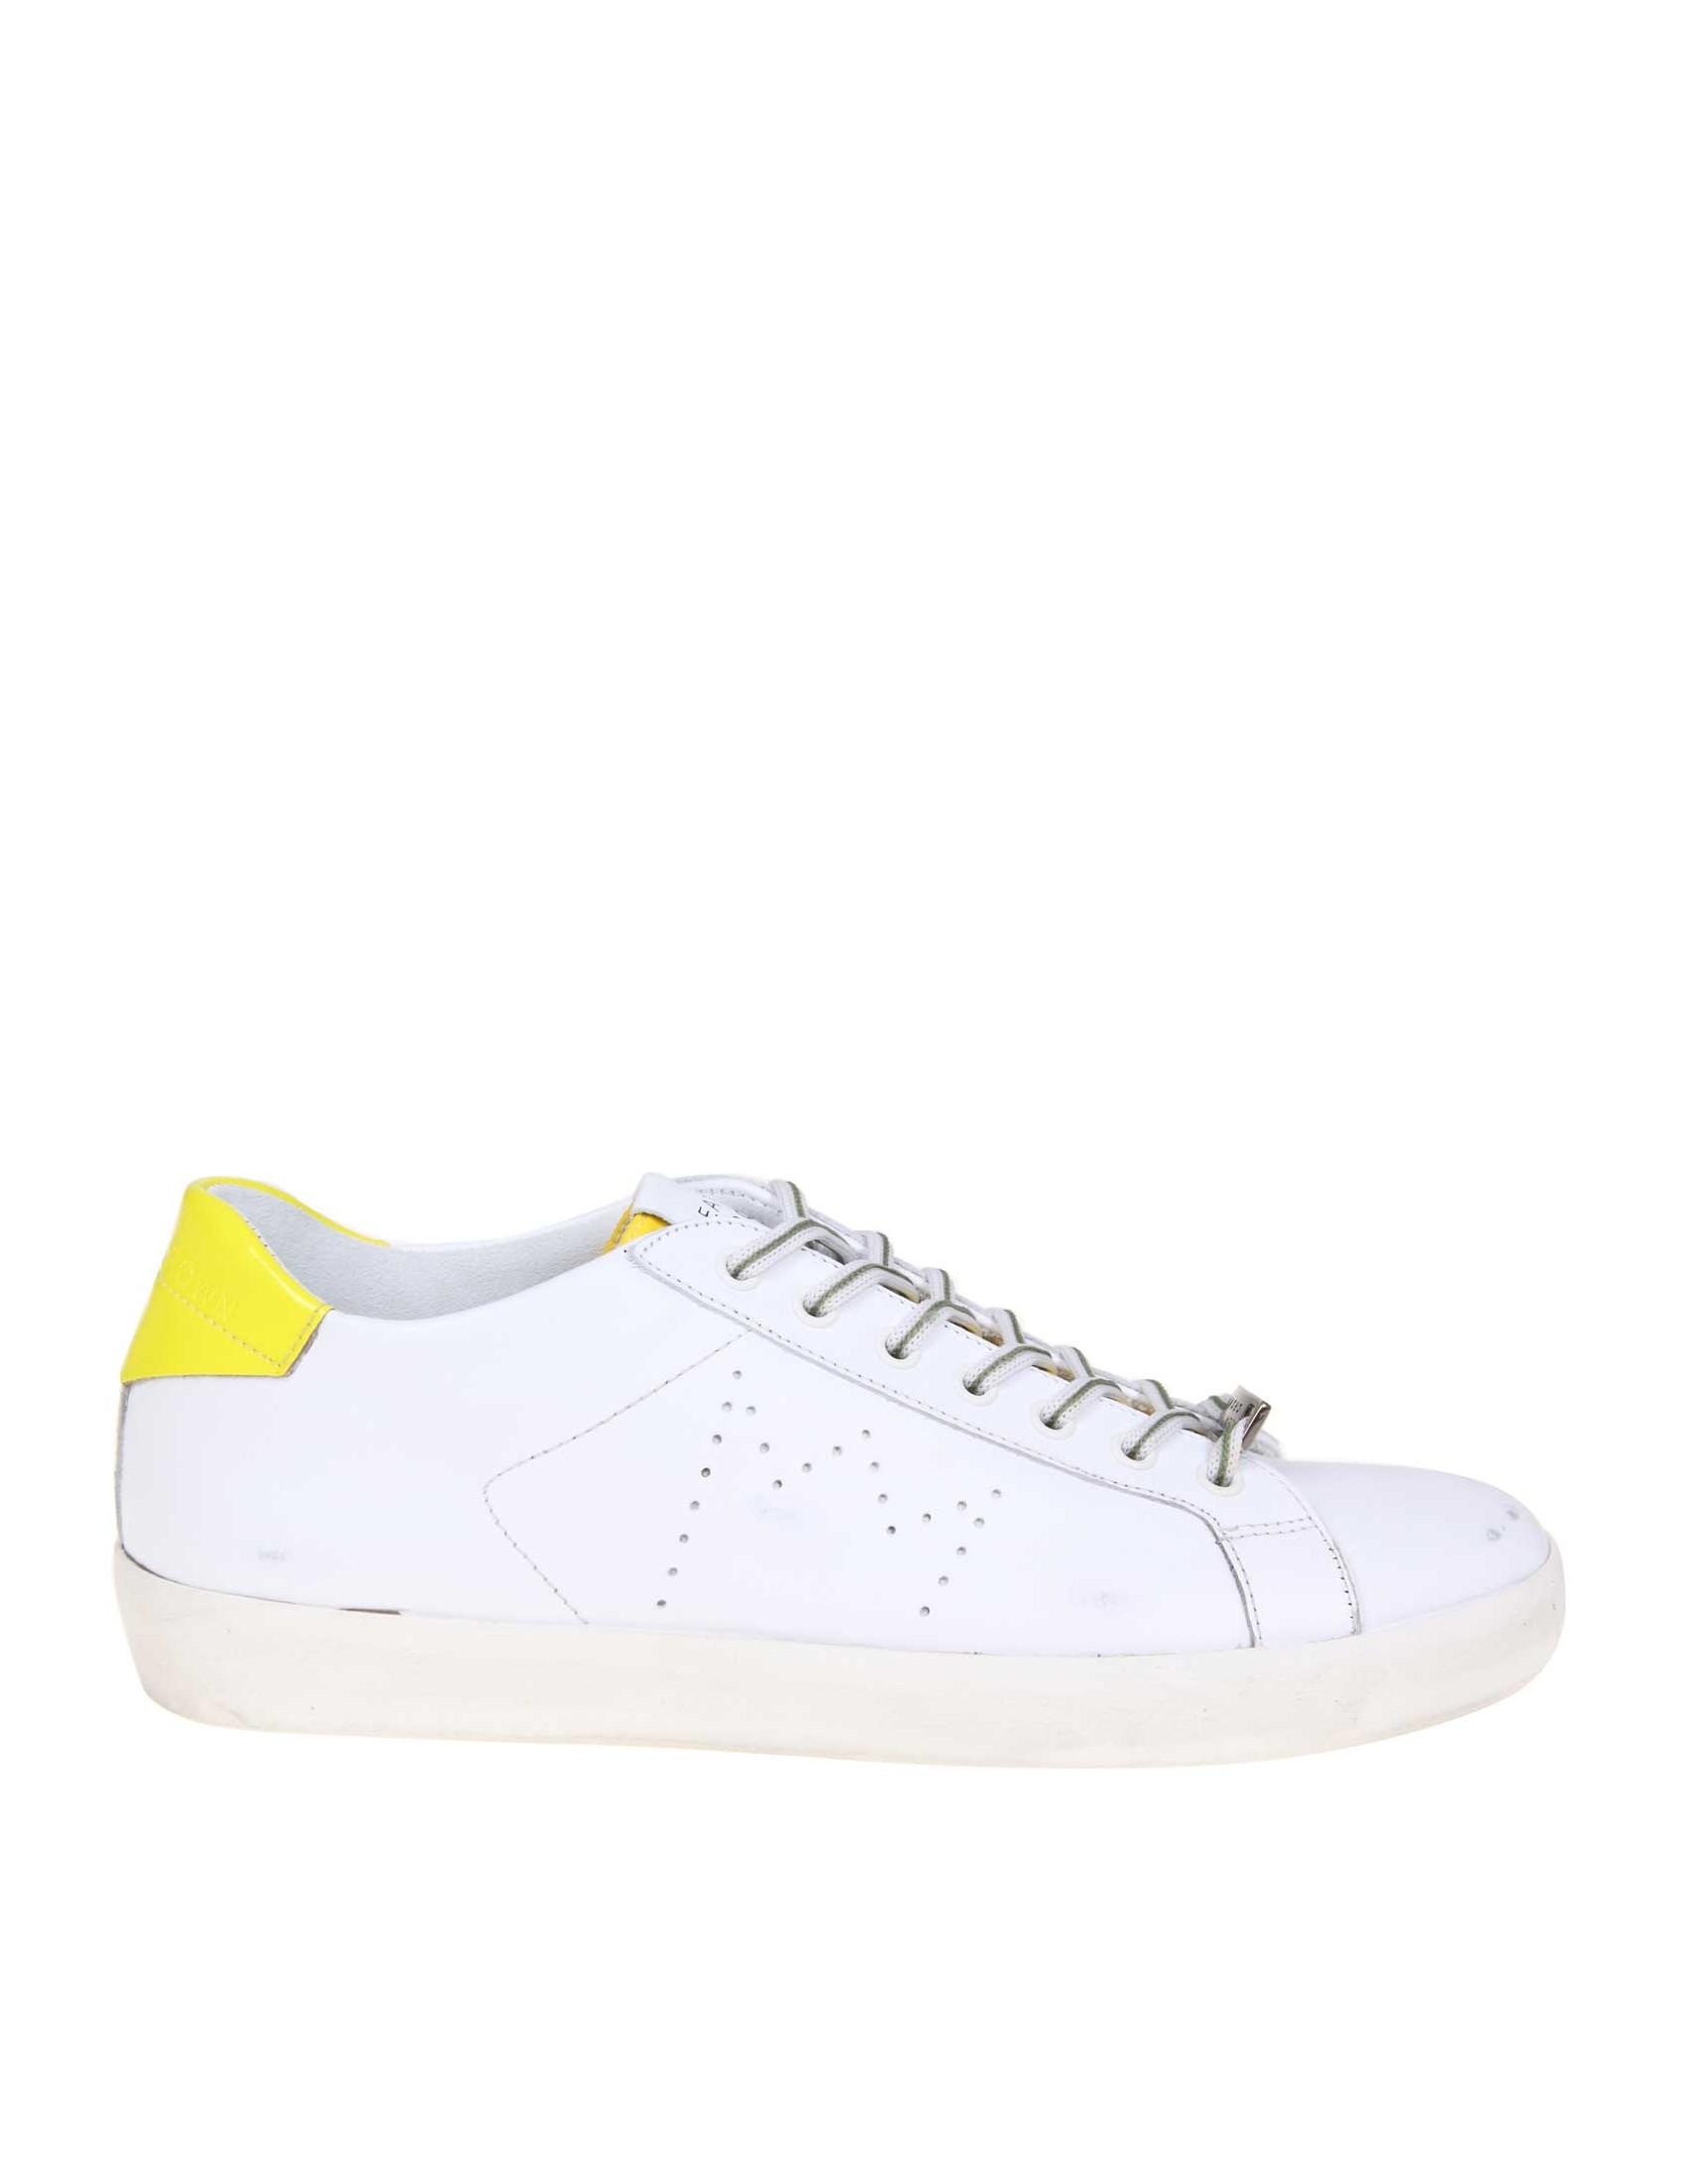 Sneakers in pelle di vitello. Colore bianco. Punta rotonda. Tallone in pelle  lucida in contrasto giallo. Lacci in cotone. Fodera interna in pelle e  cotone 7964d36443c